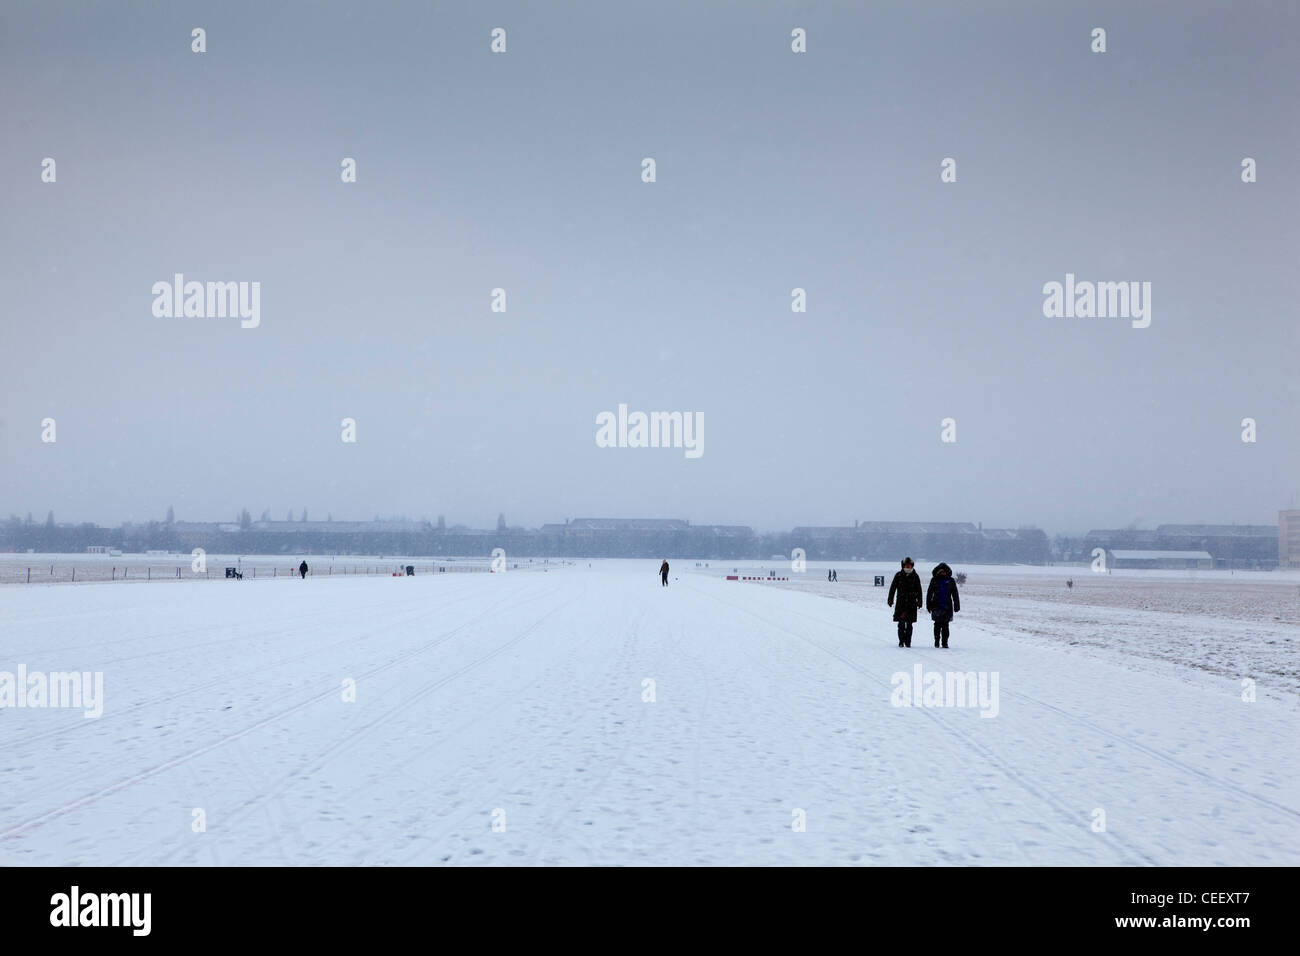 Berlin Deutschland Winter im Flughafen Tempelhof, die in einen Park umgewandelt worden Stockfoto